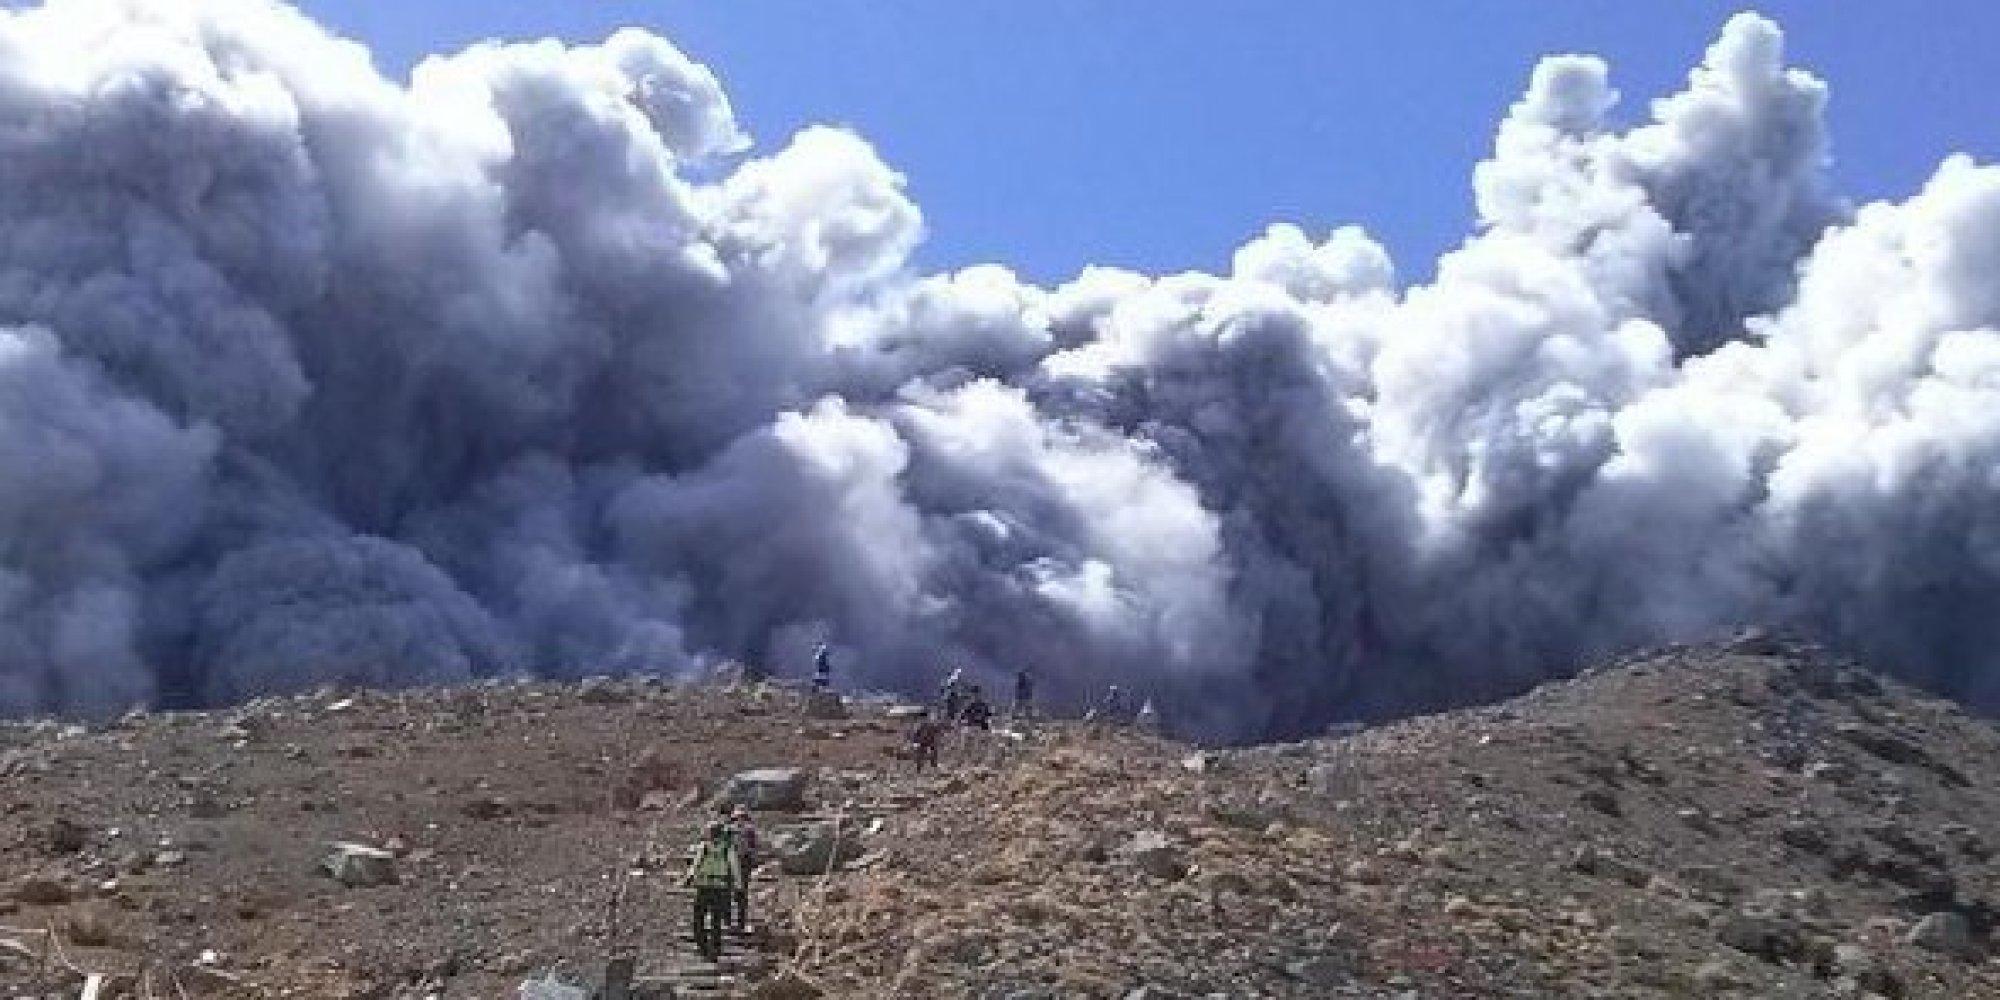 御嶽山が噴火、登山者も緊急避難 気象庁、警戒呼び... 御嶽山が噴火、登山者も緊急避難 気象庁、